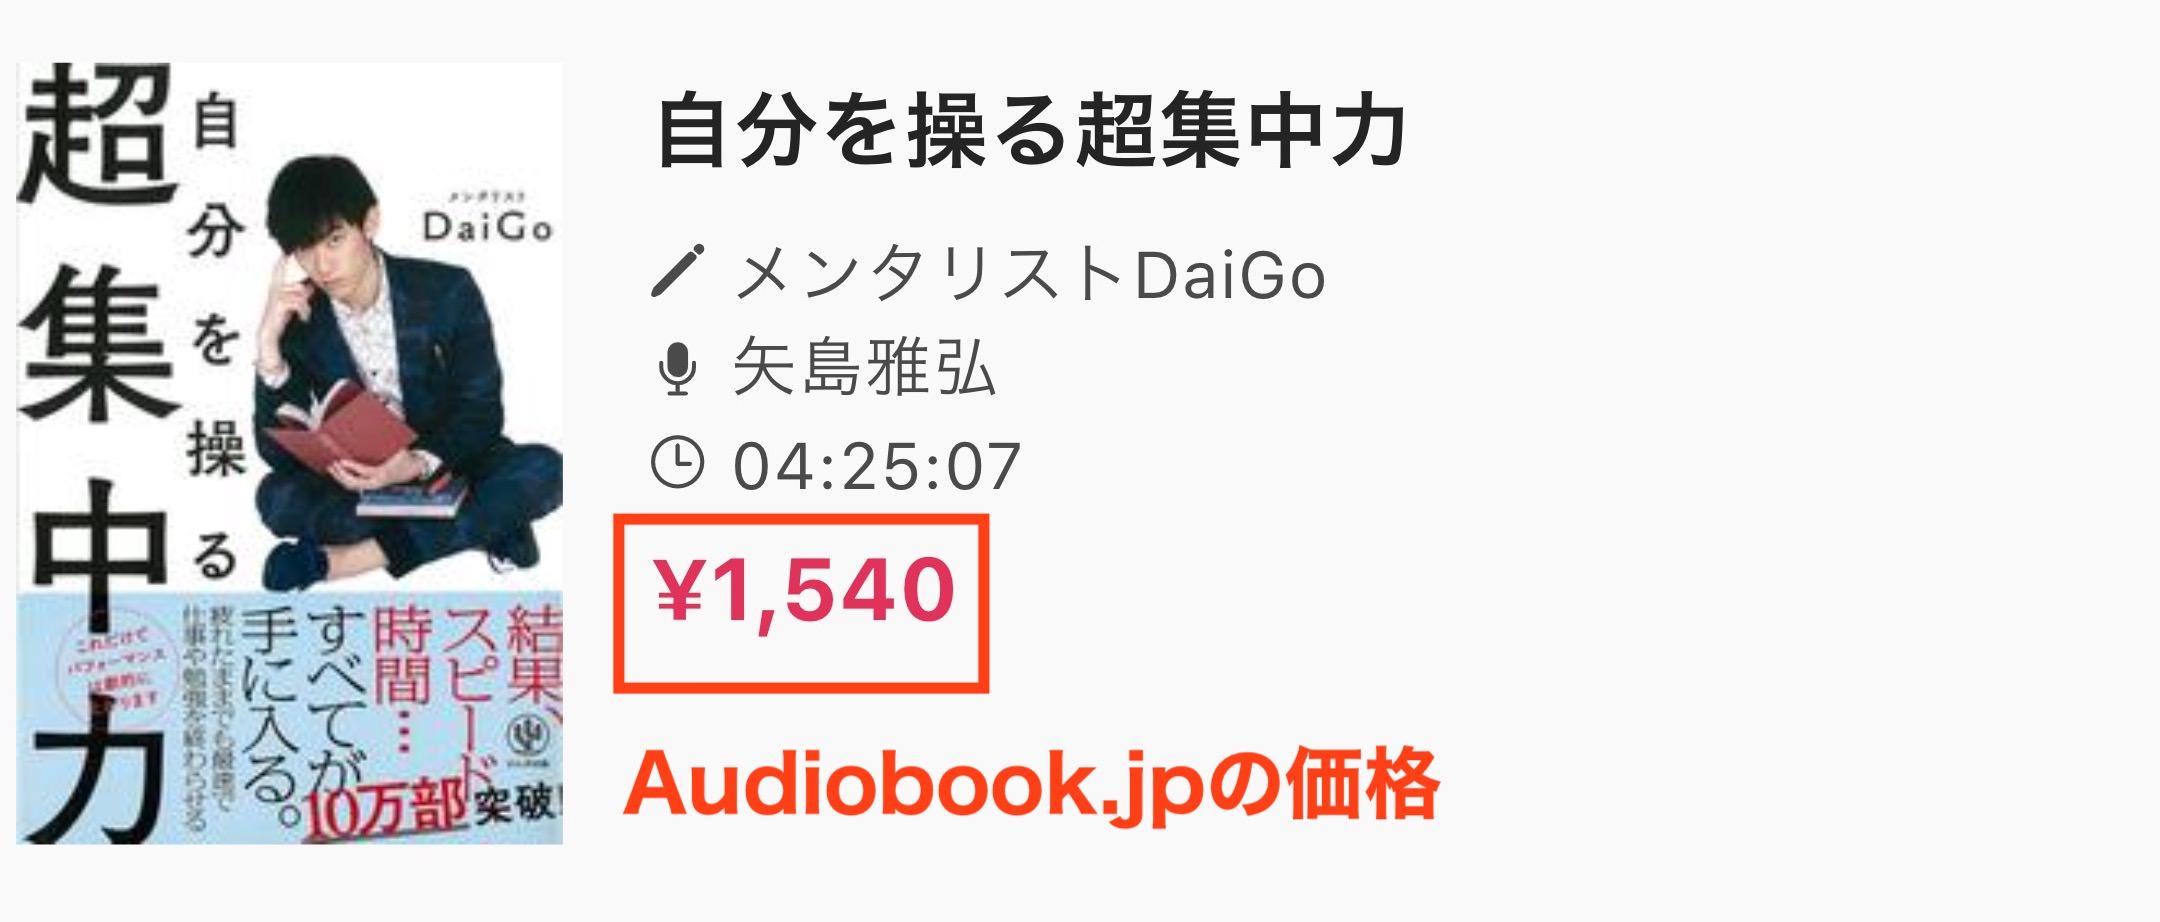 Audiobookは1,540円